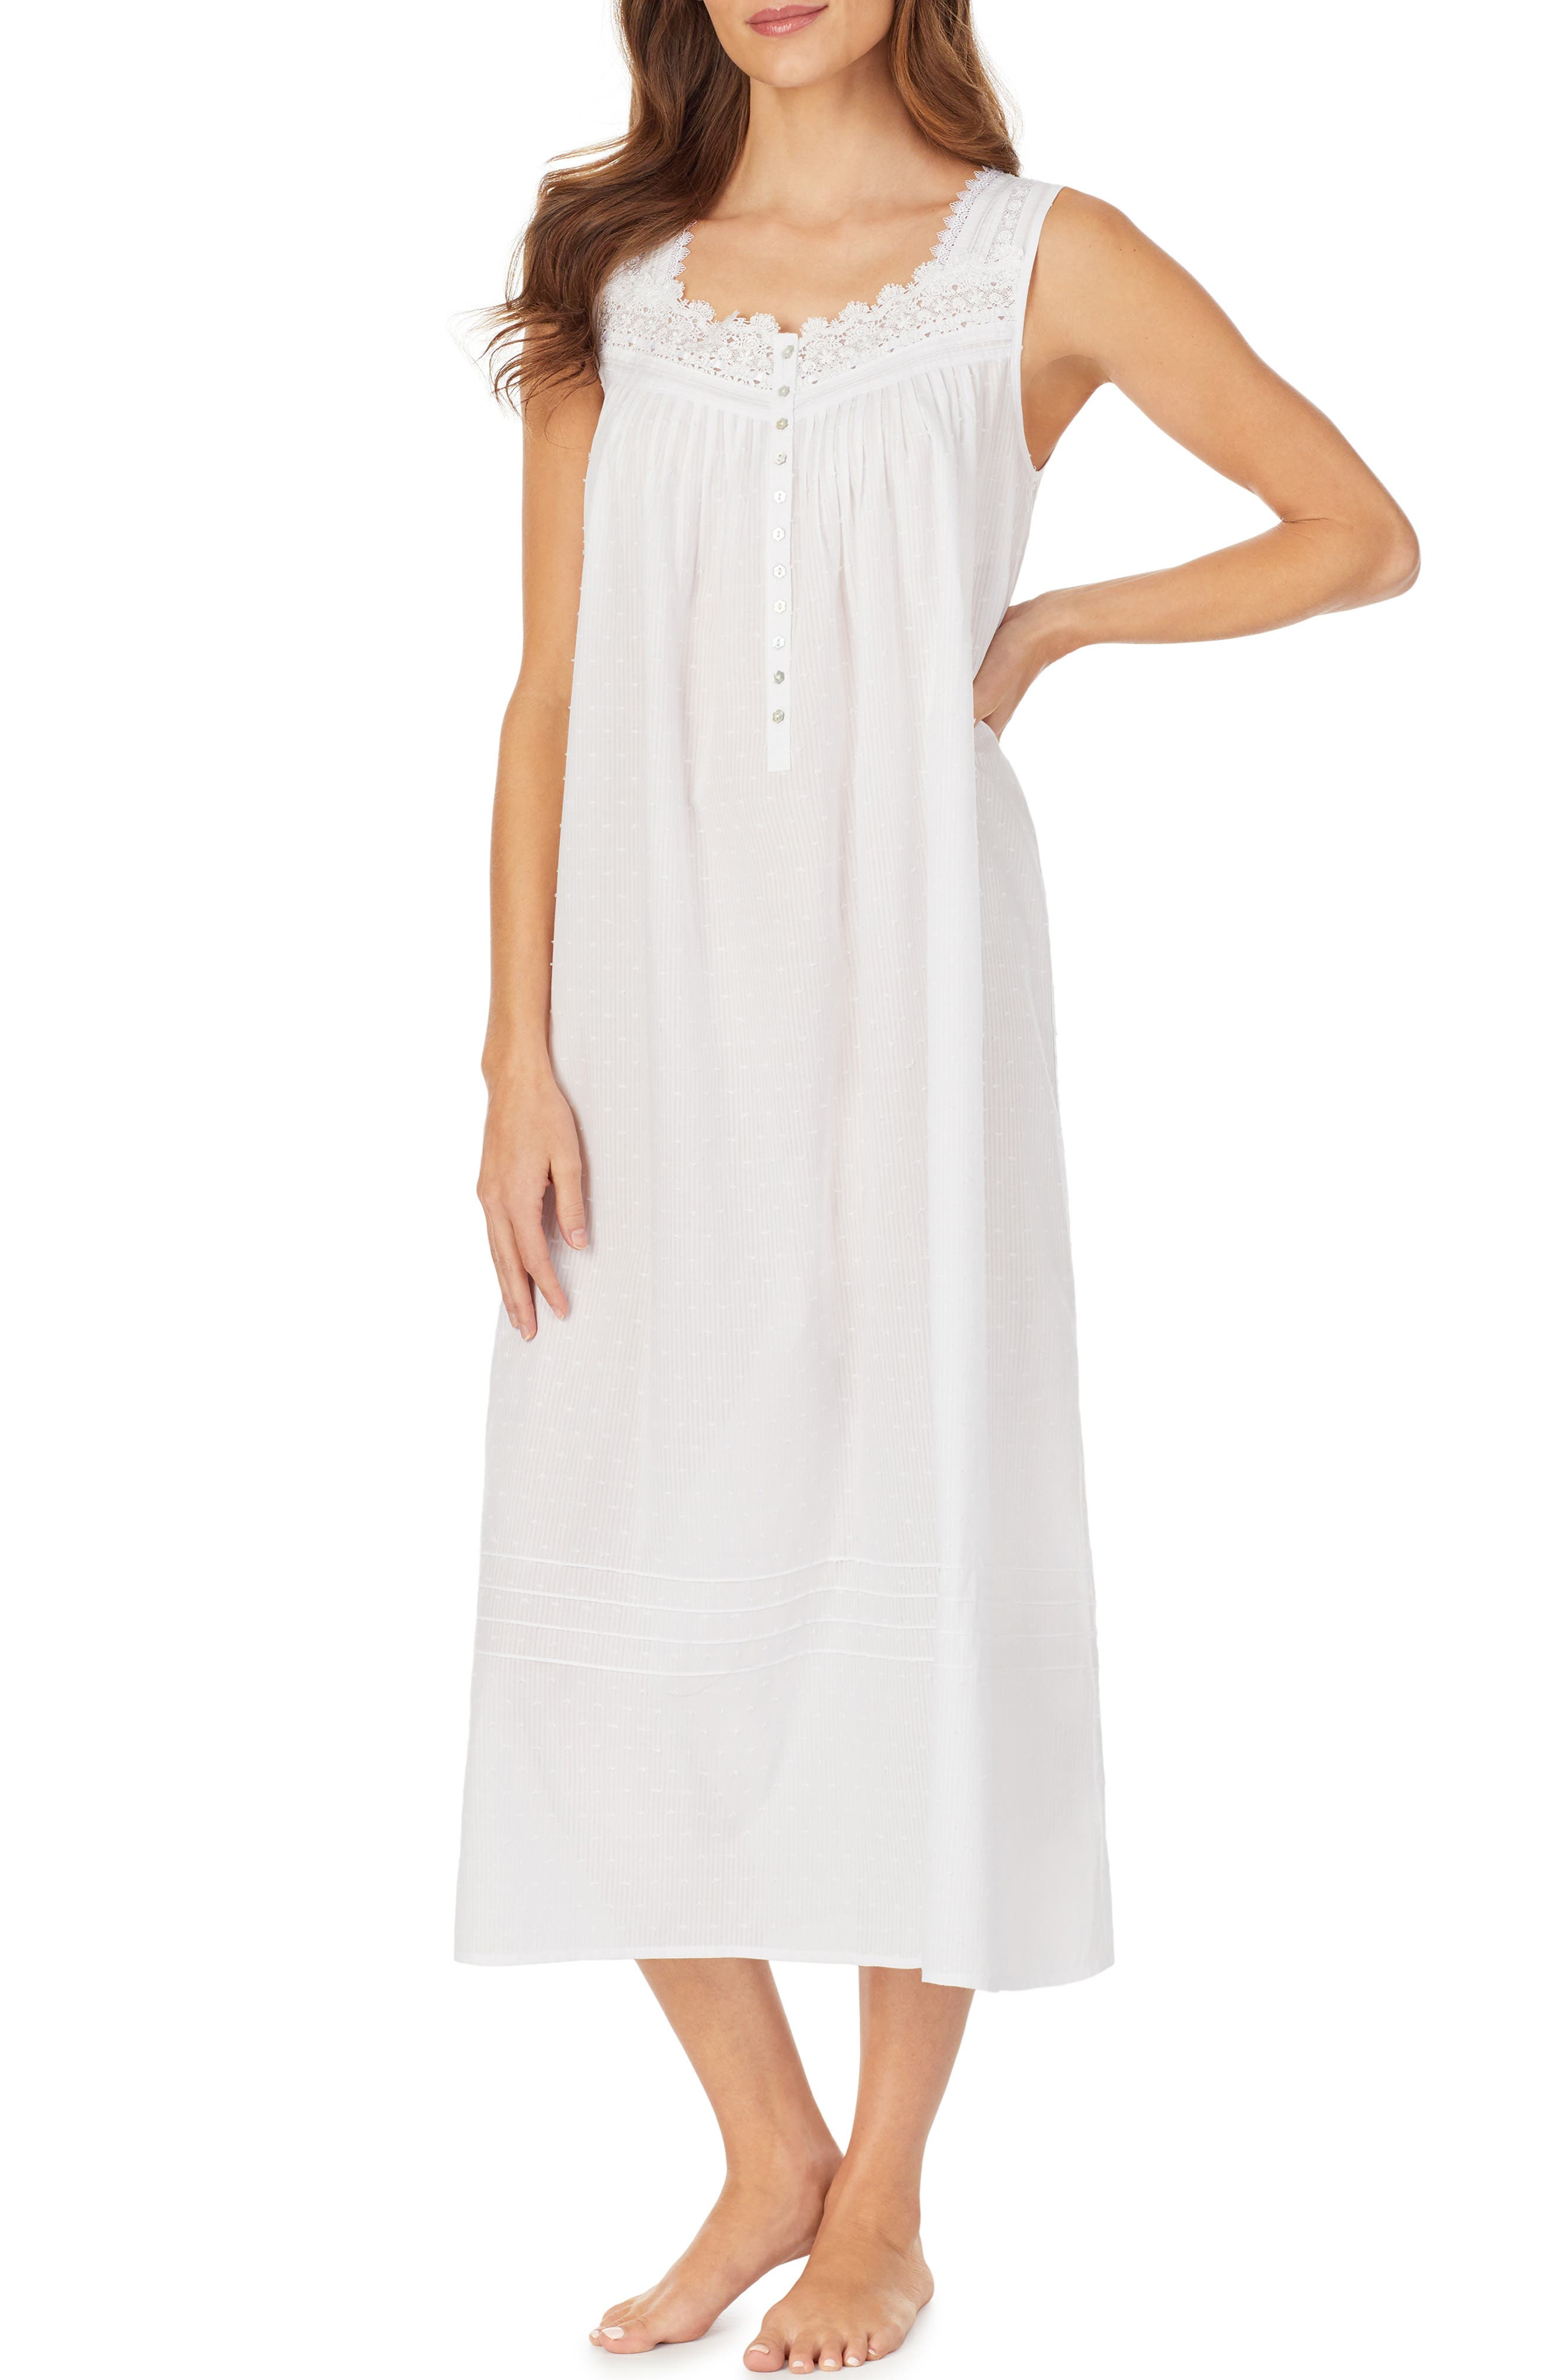 Eileen West Clip Dot Woven Nightgown